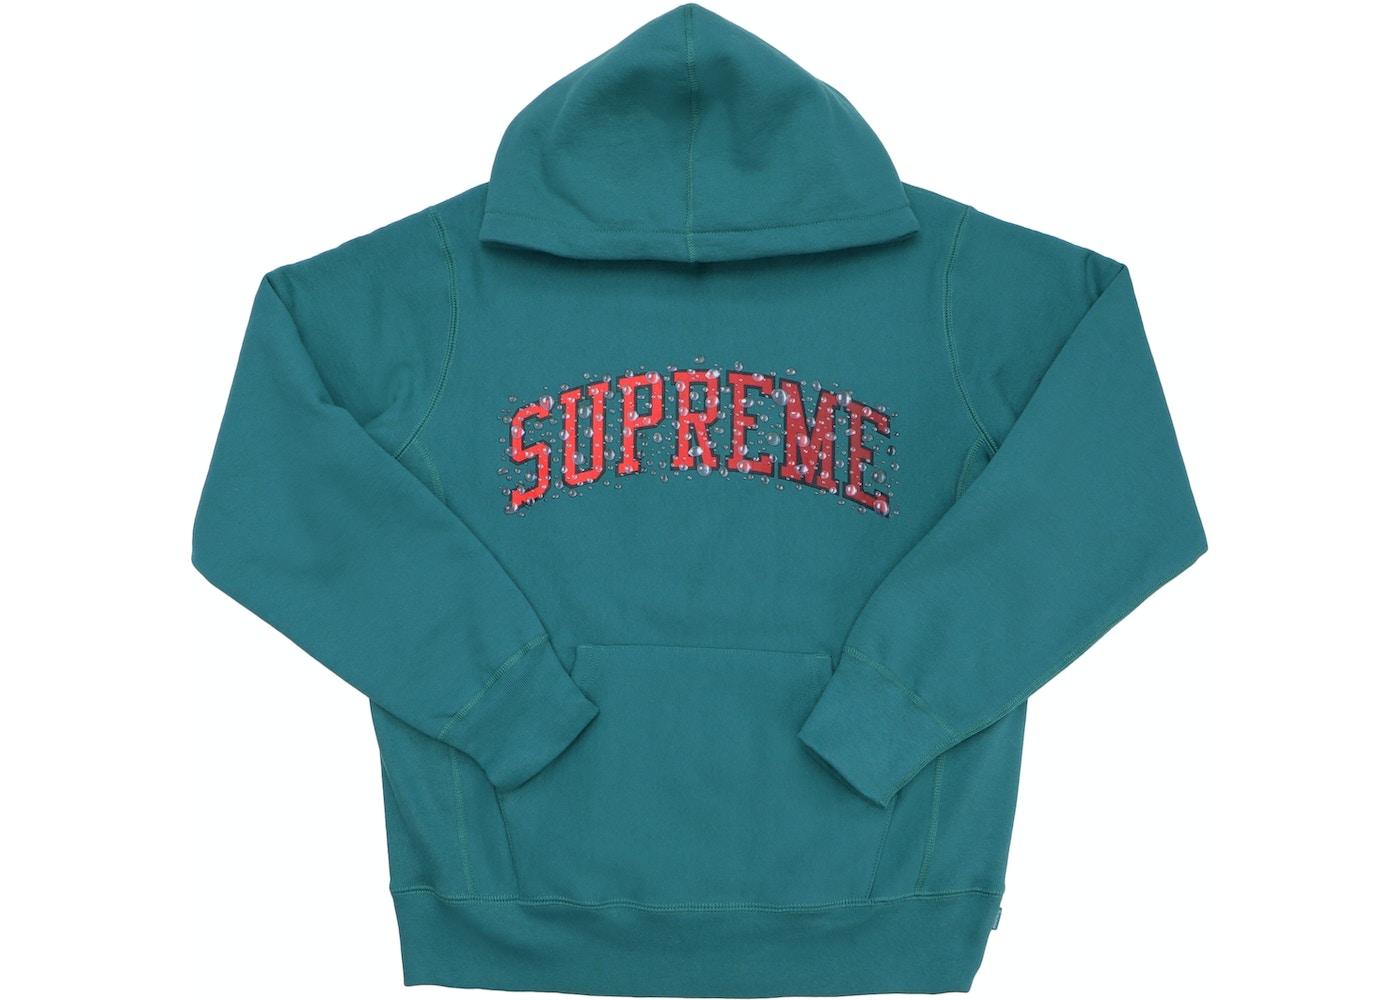 Supreme Water Arc Hooded Sweatshirt Dark Teal - FW18 1669d36046c5